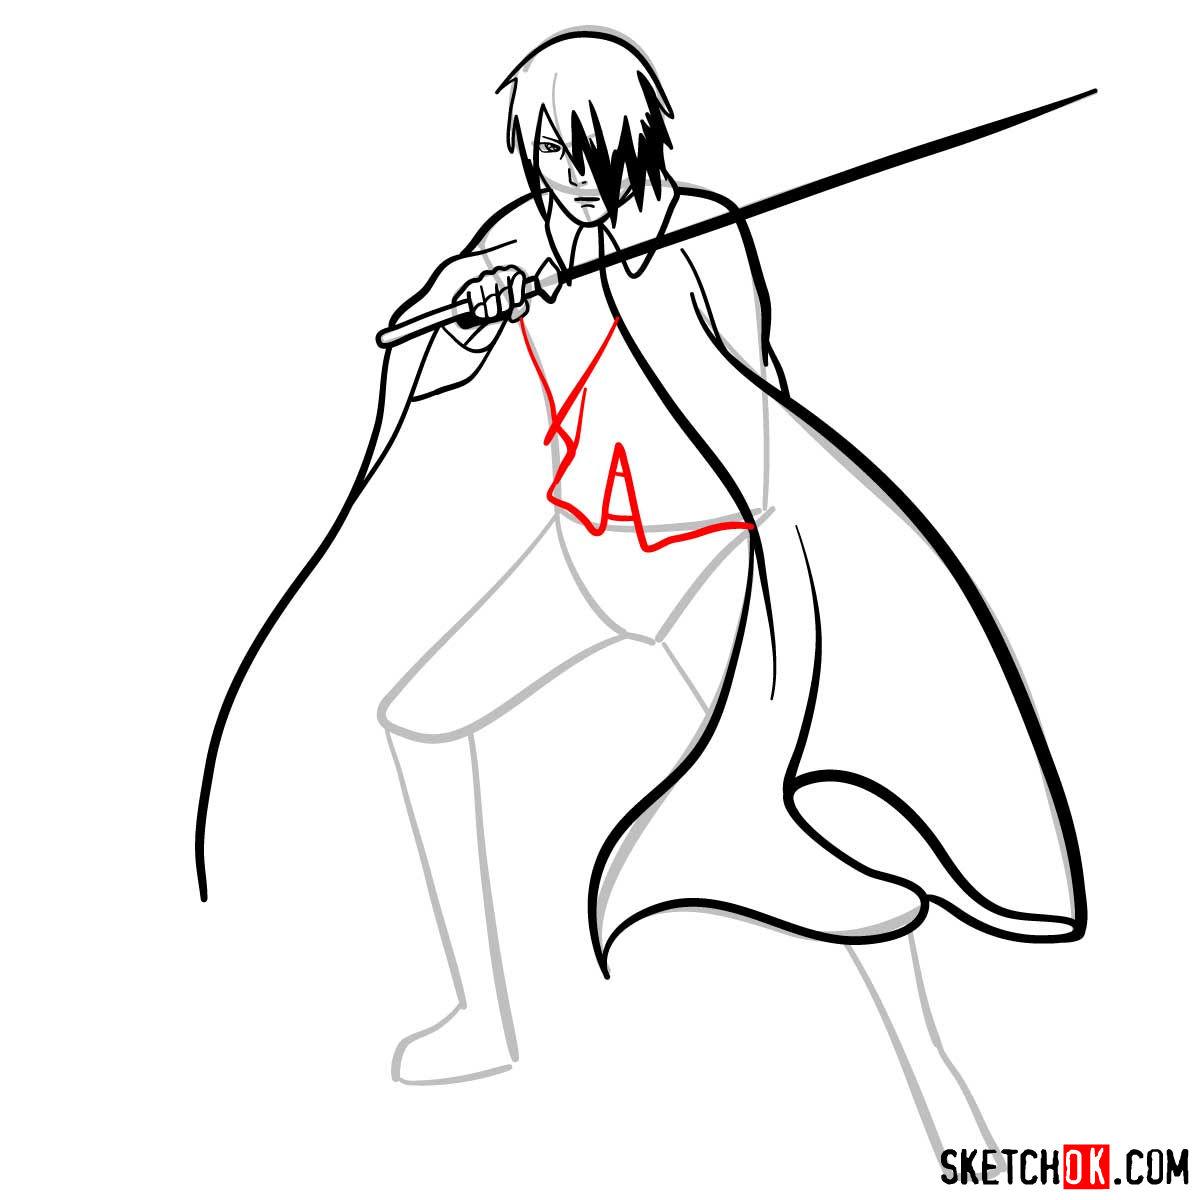 How to draw Sasuke Uchiha from Naruto anime - step 09